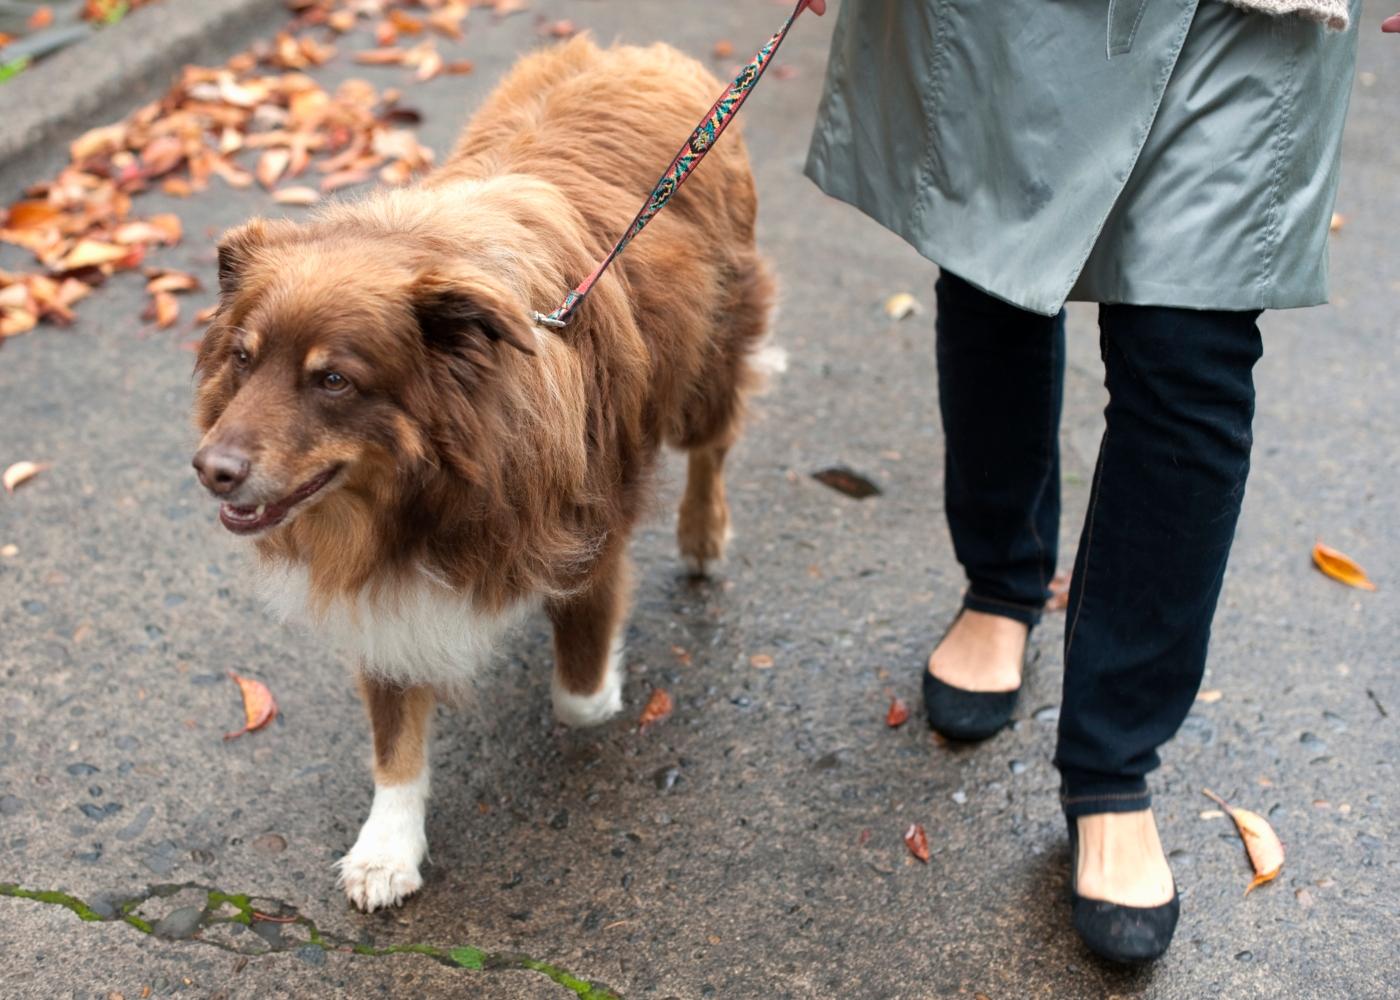 Tutora a passear cão de manhã